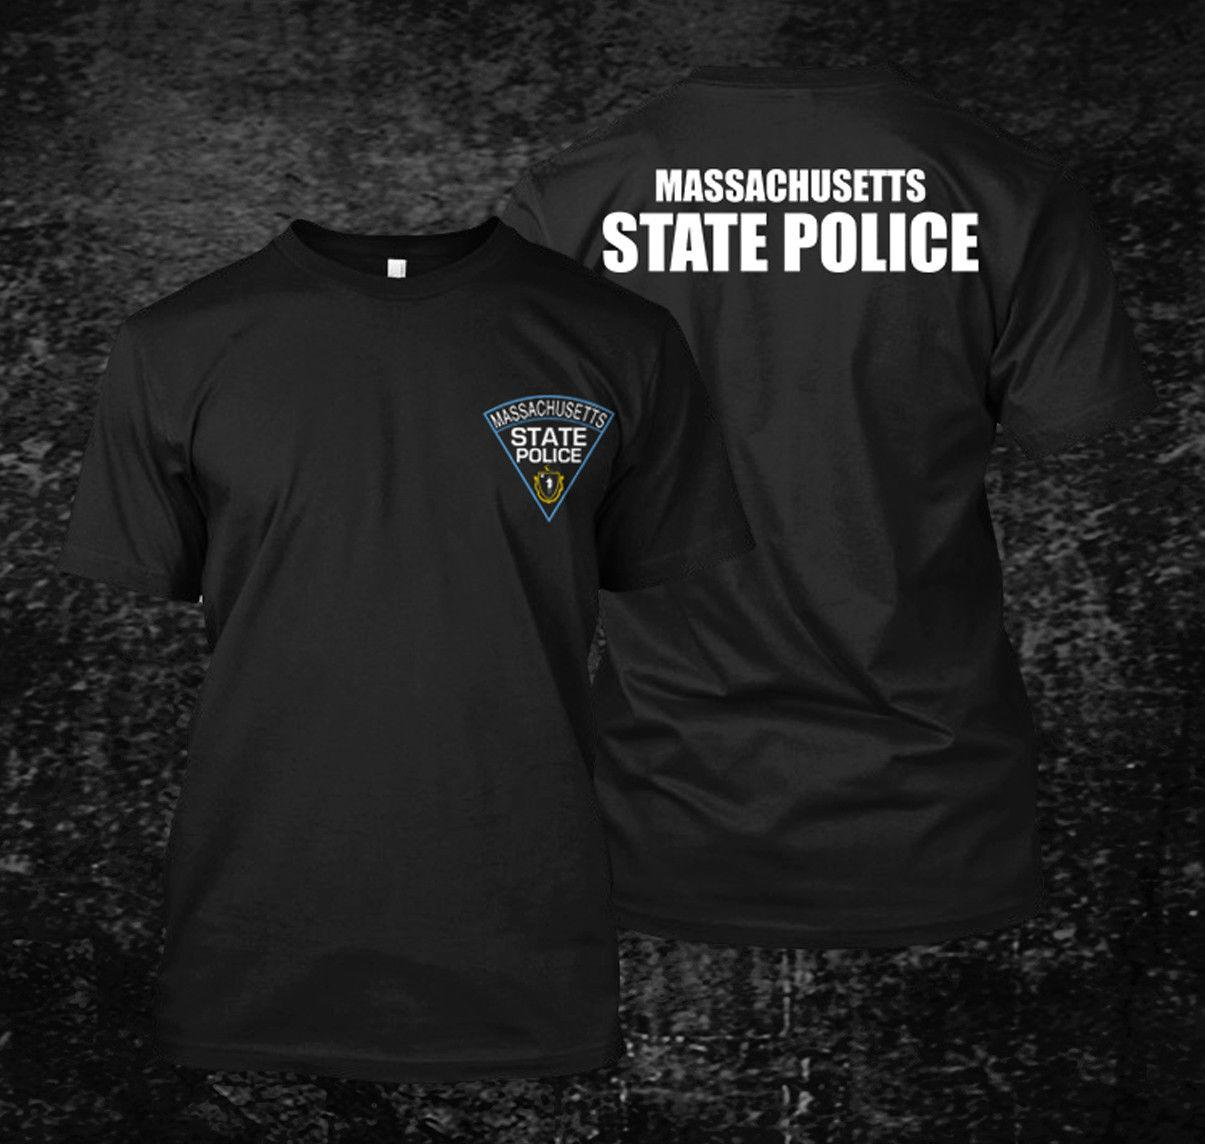 Allentato Black Men magliette Homme T Massachusetts Polizia di Stato Logo - T-shirt da uomo su misura Tee T-shirt stampata Mens